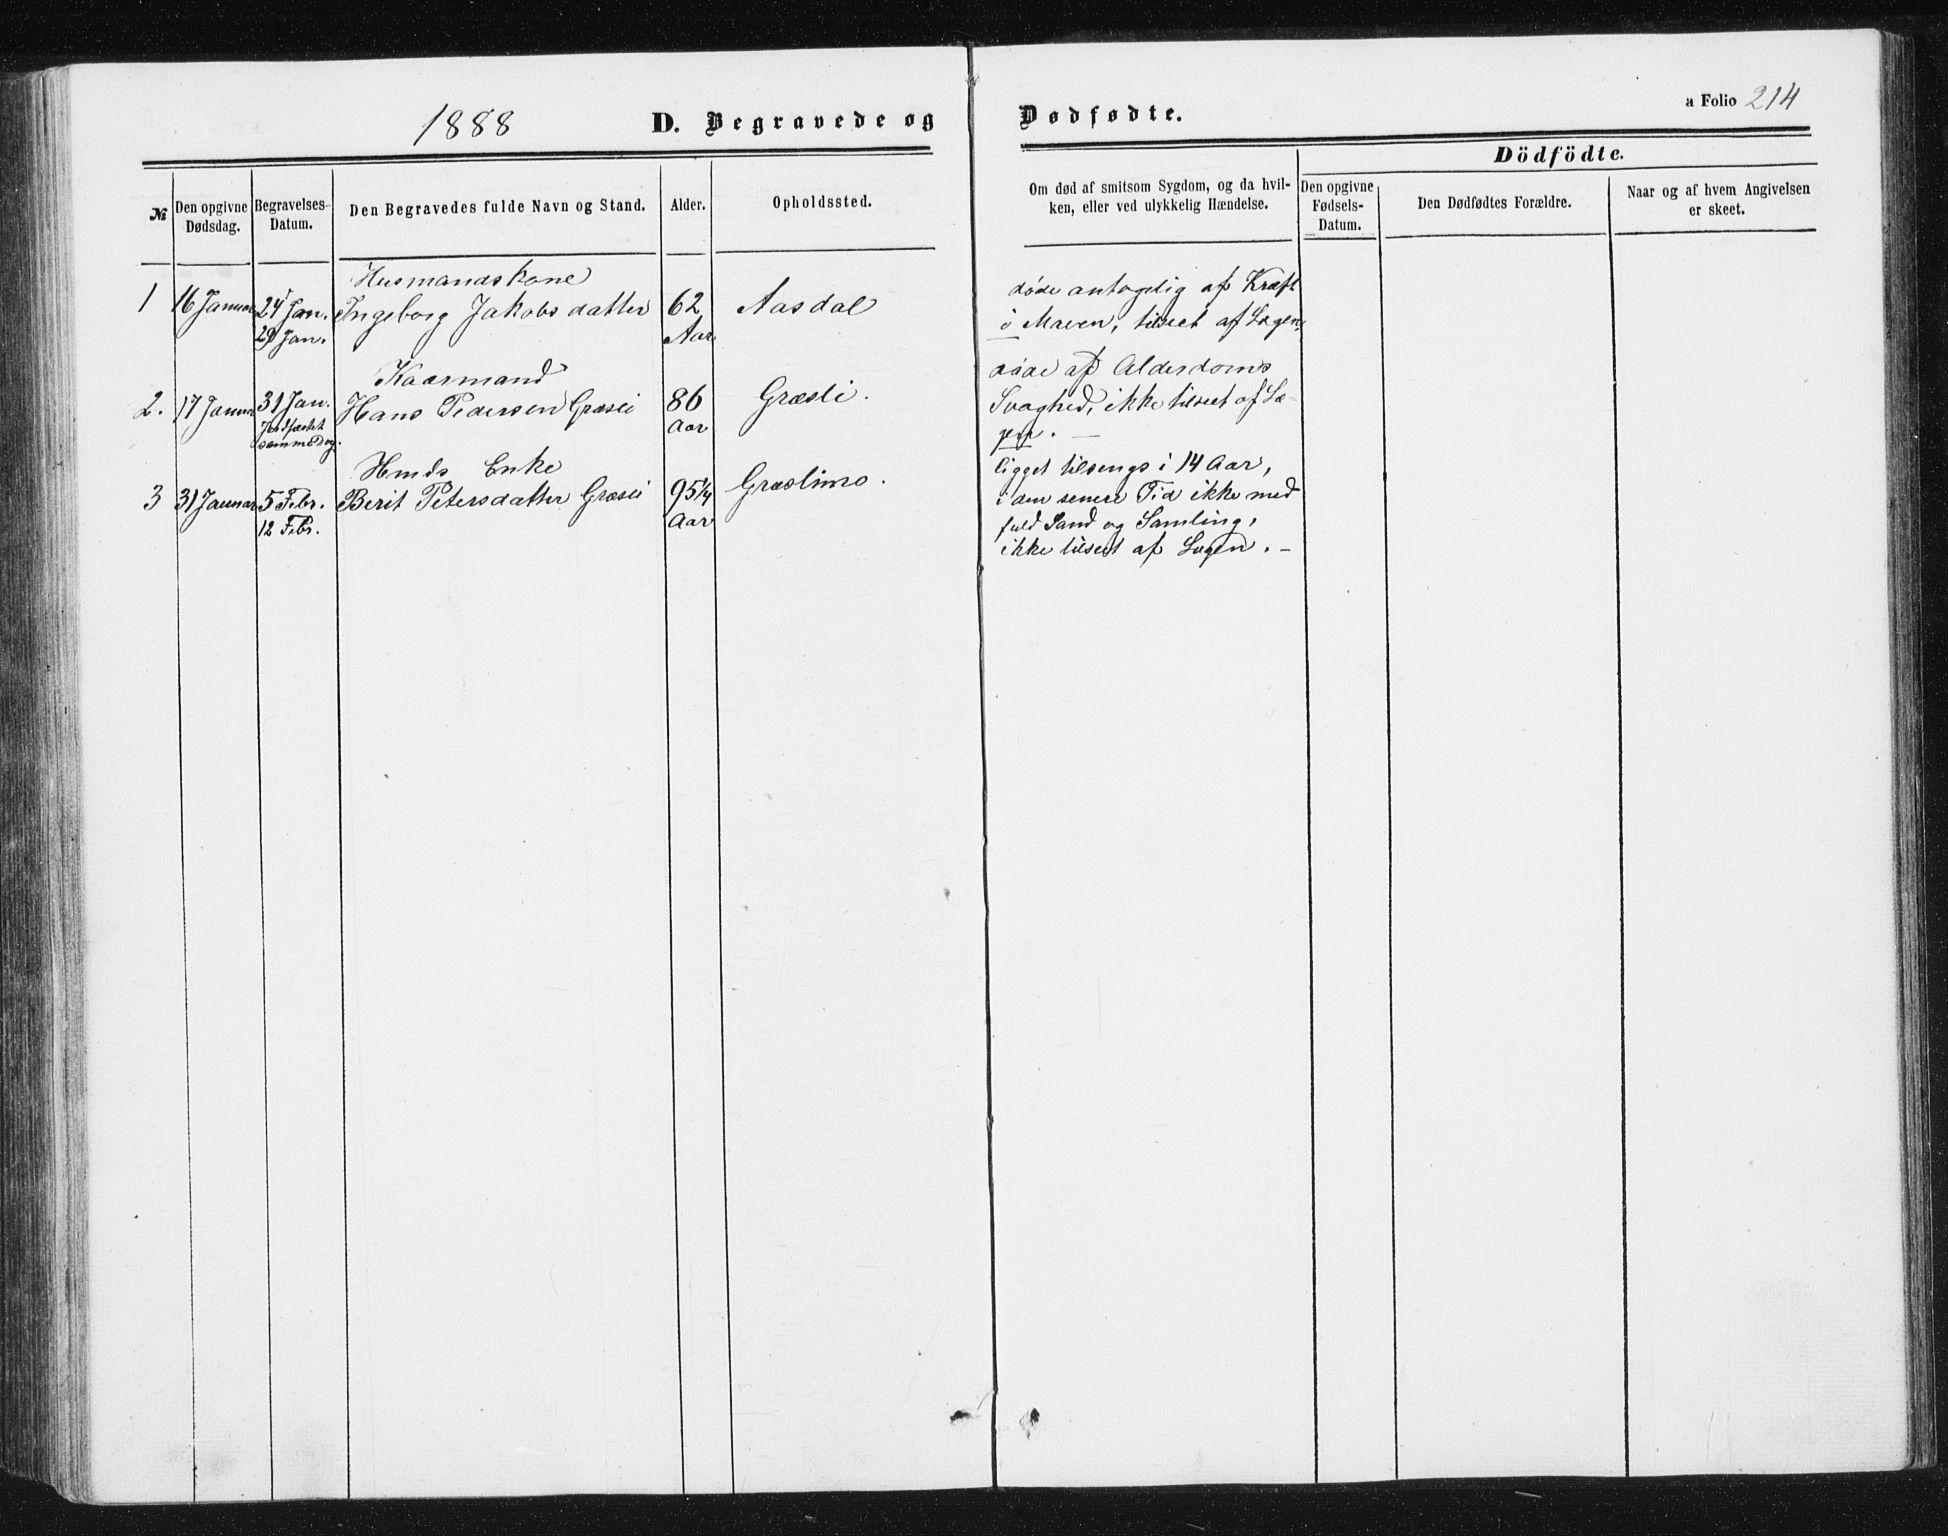 SAT, Ministerialprotokoller, klokkerbøker og fødselsregistre - Sør-Trøndelag, 698/L1166: Klokkerbok nr. 698C03, 1861-1887, s. 214